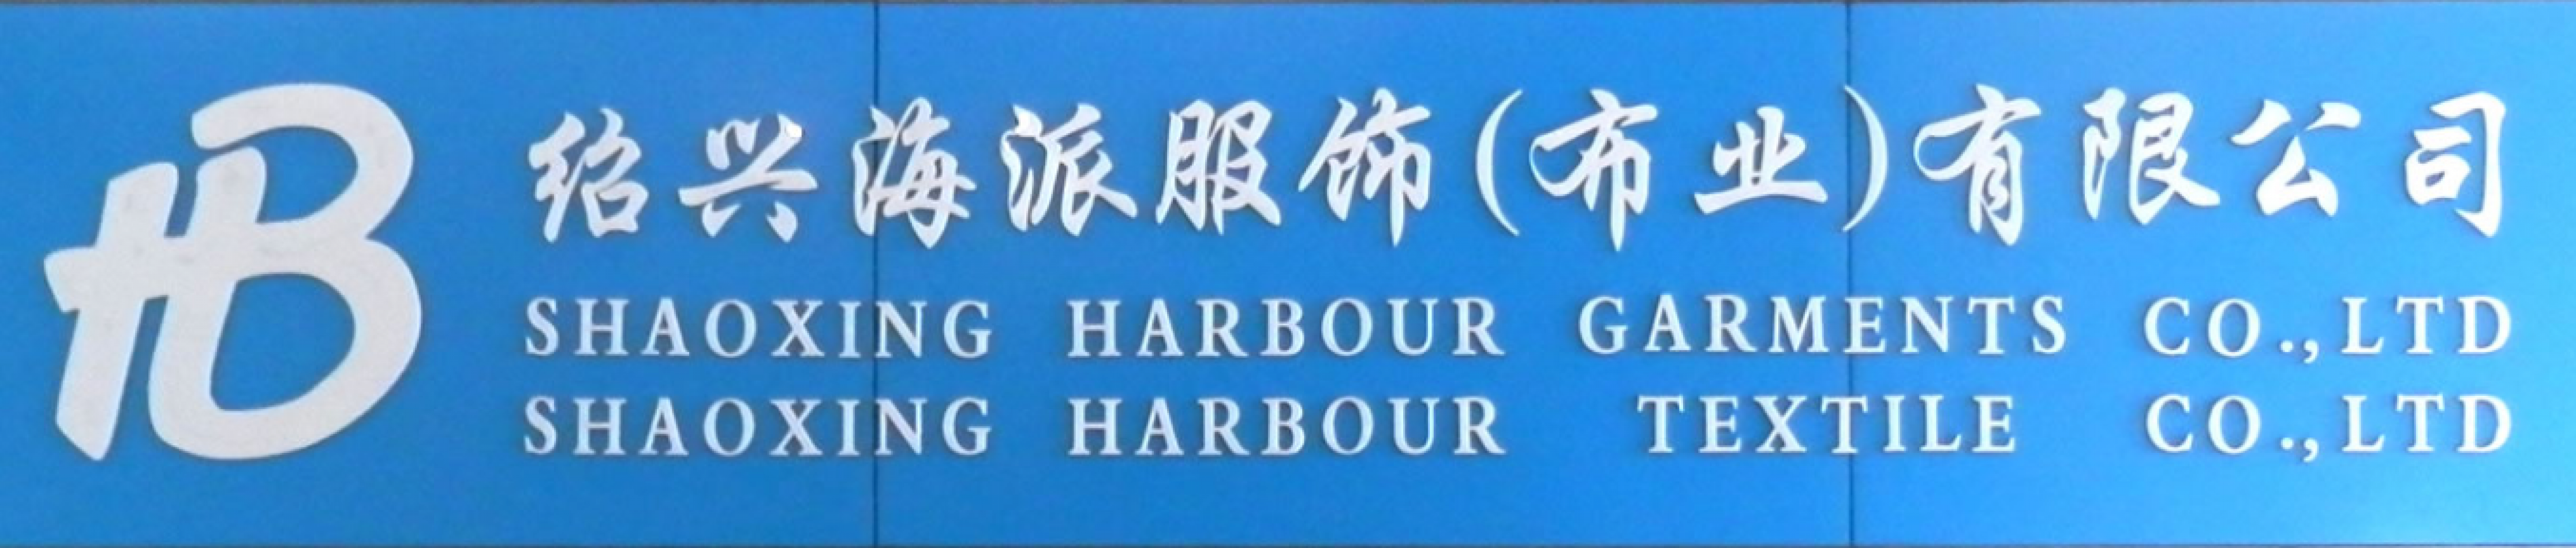 Shaoxing Harbour Textile & Garments Co., Ltd